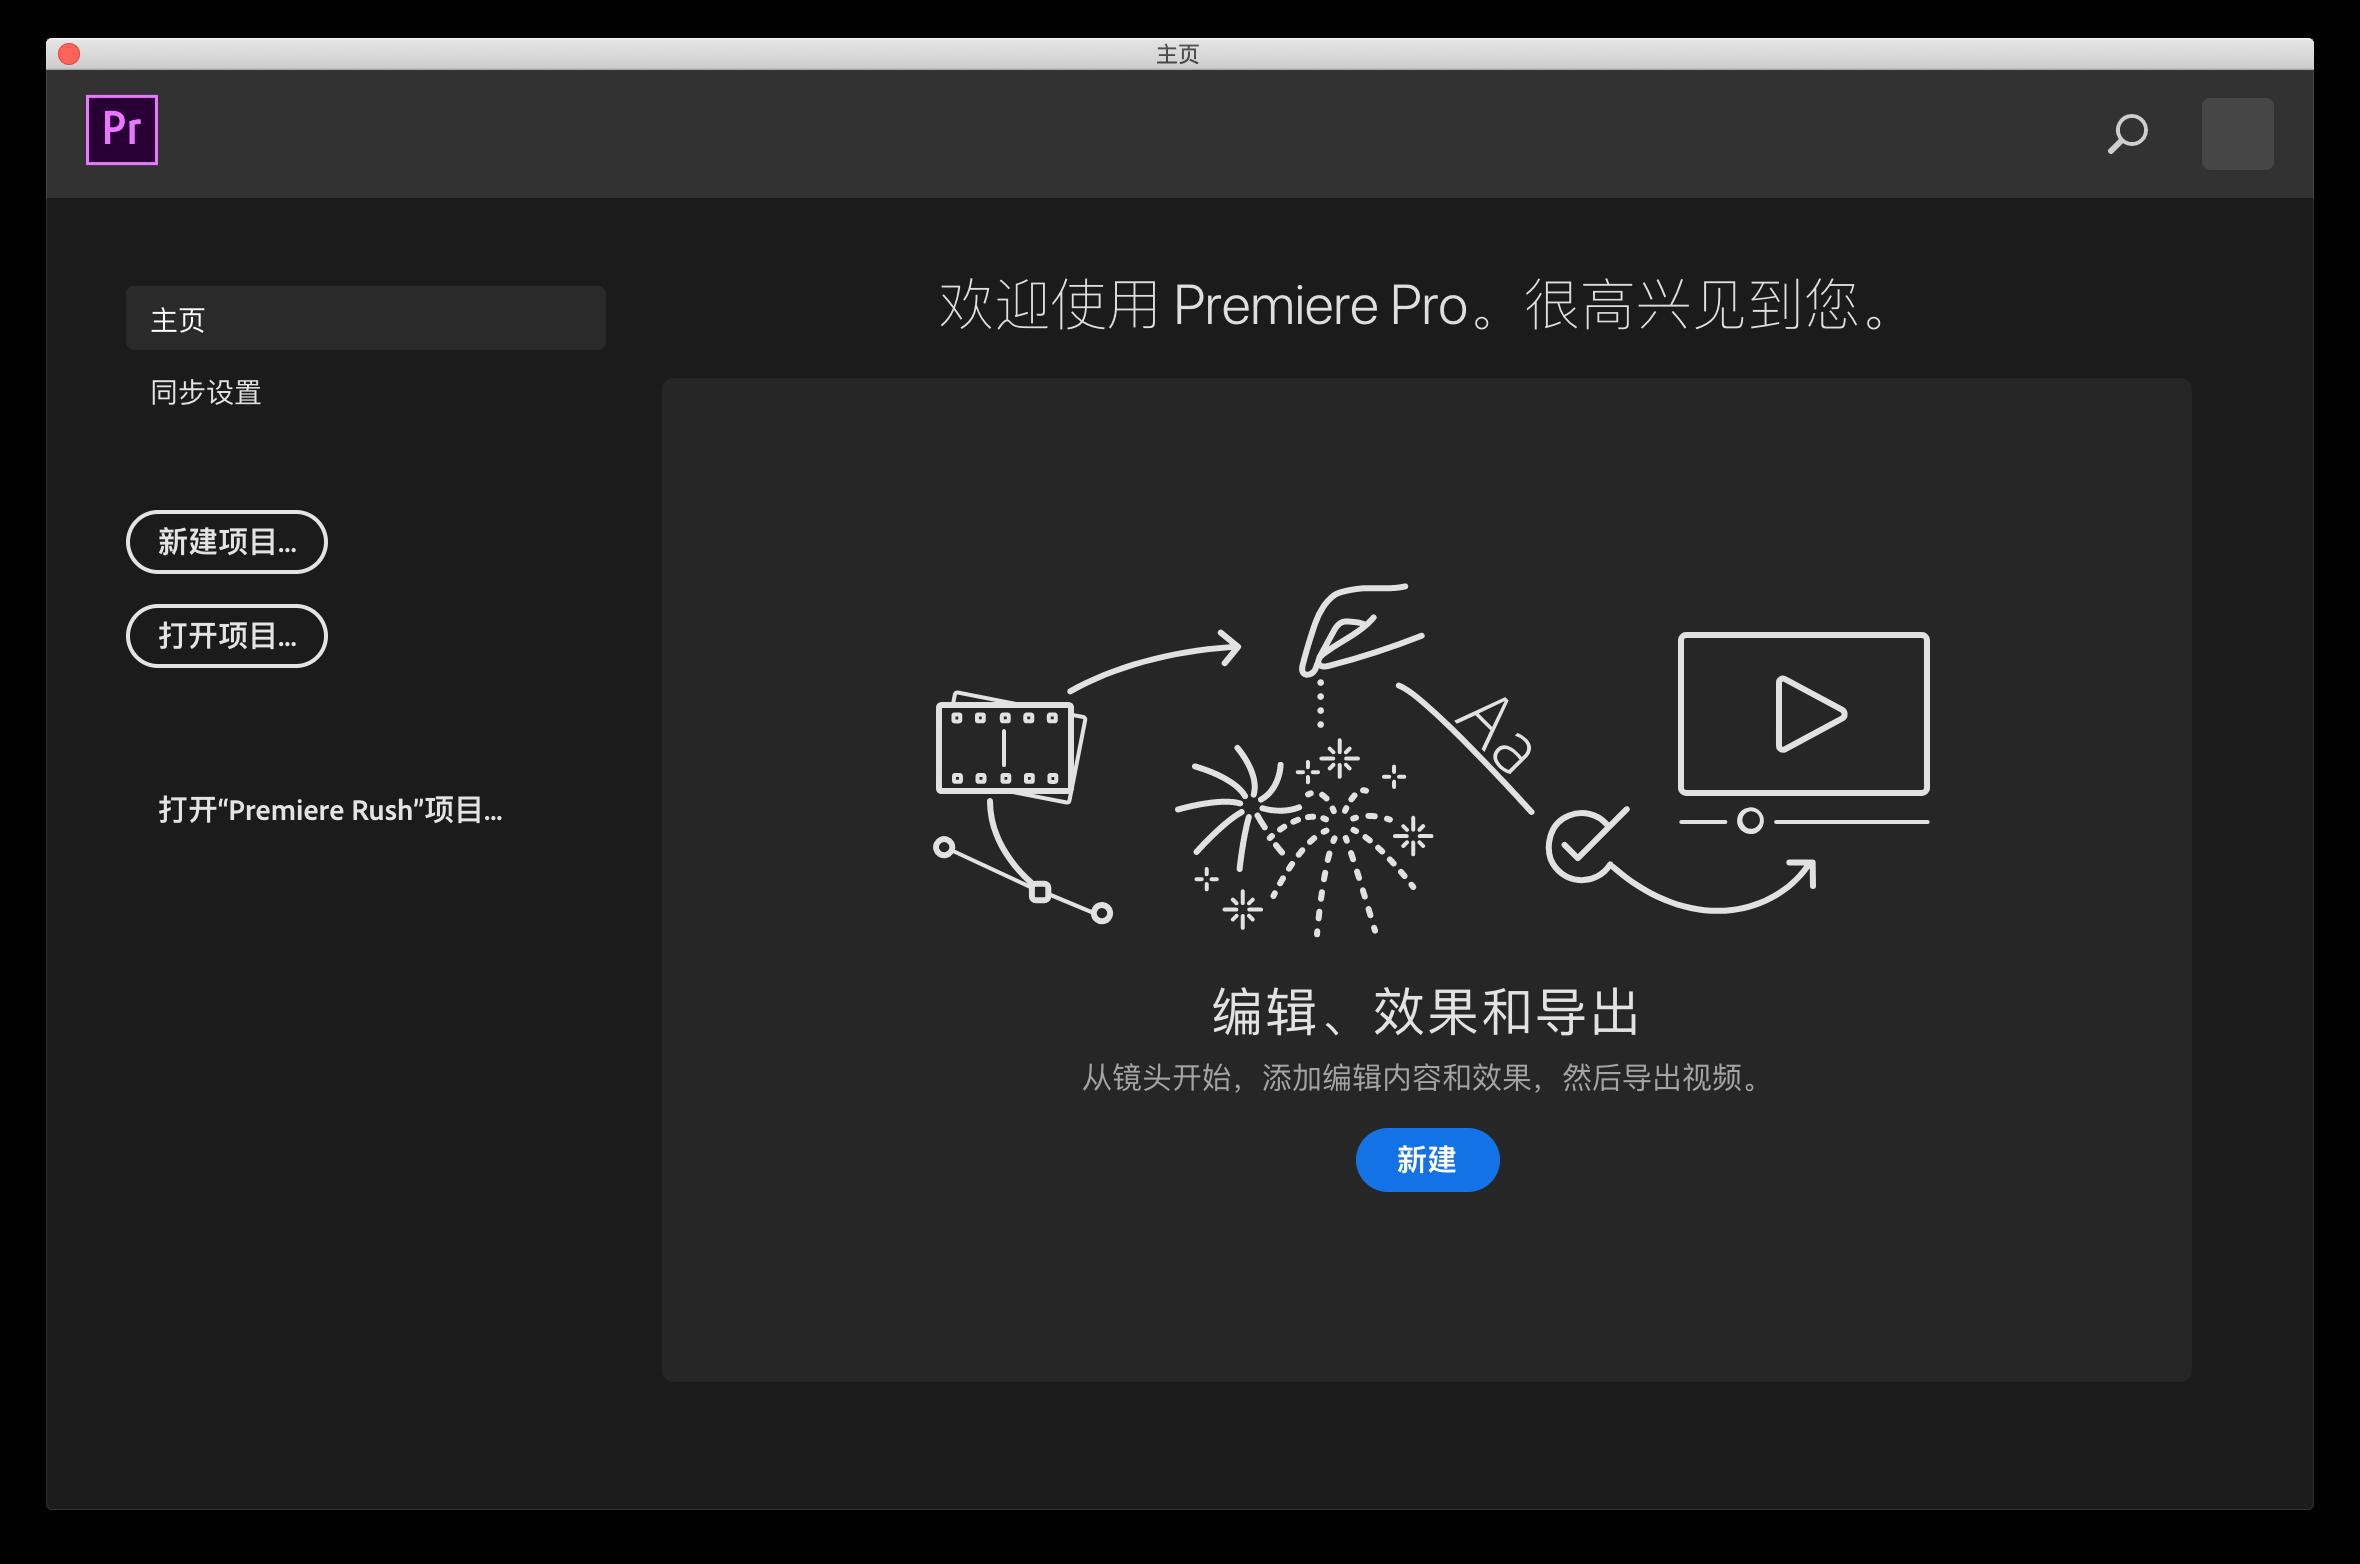 Adobe Premiere Pro mac版后界面